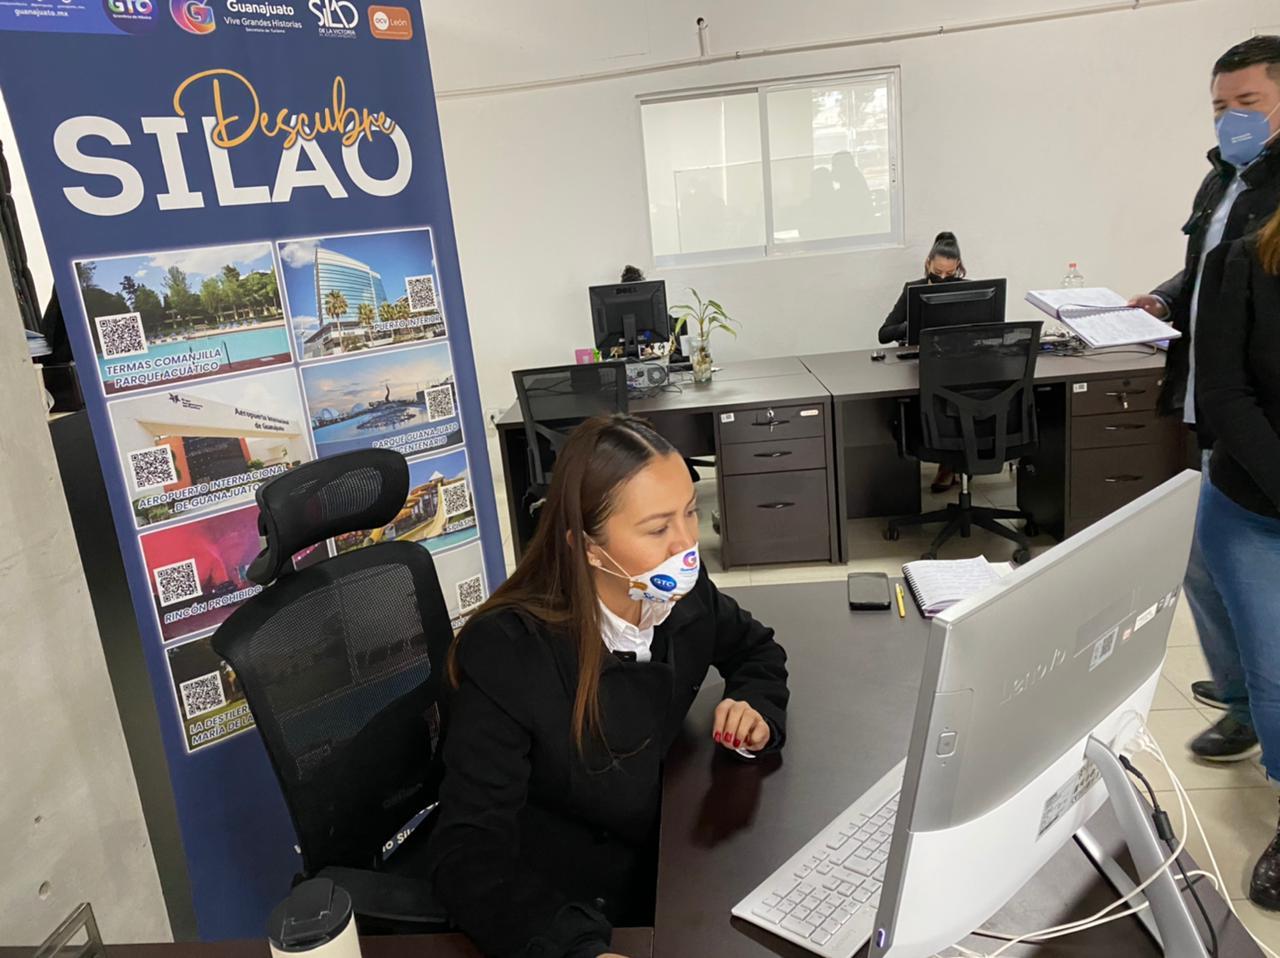 Turismo realiza taller virtual con estudiantes de primaria, bachillerato y universidad